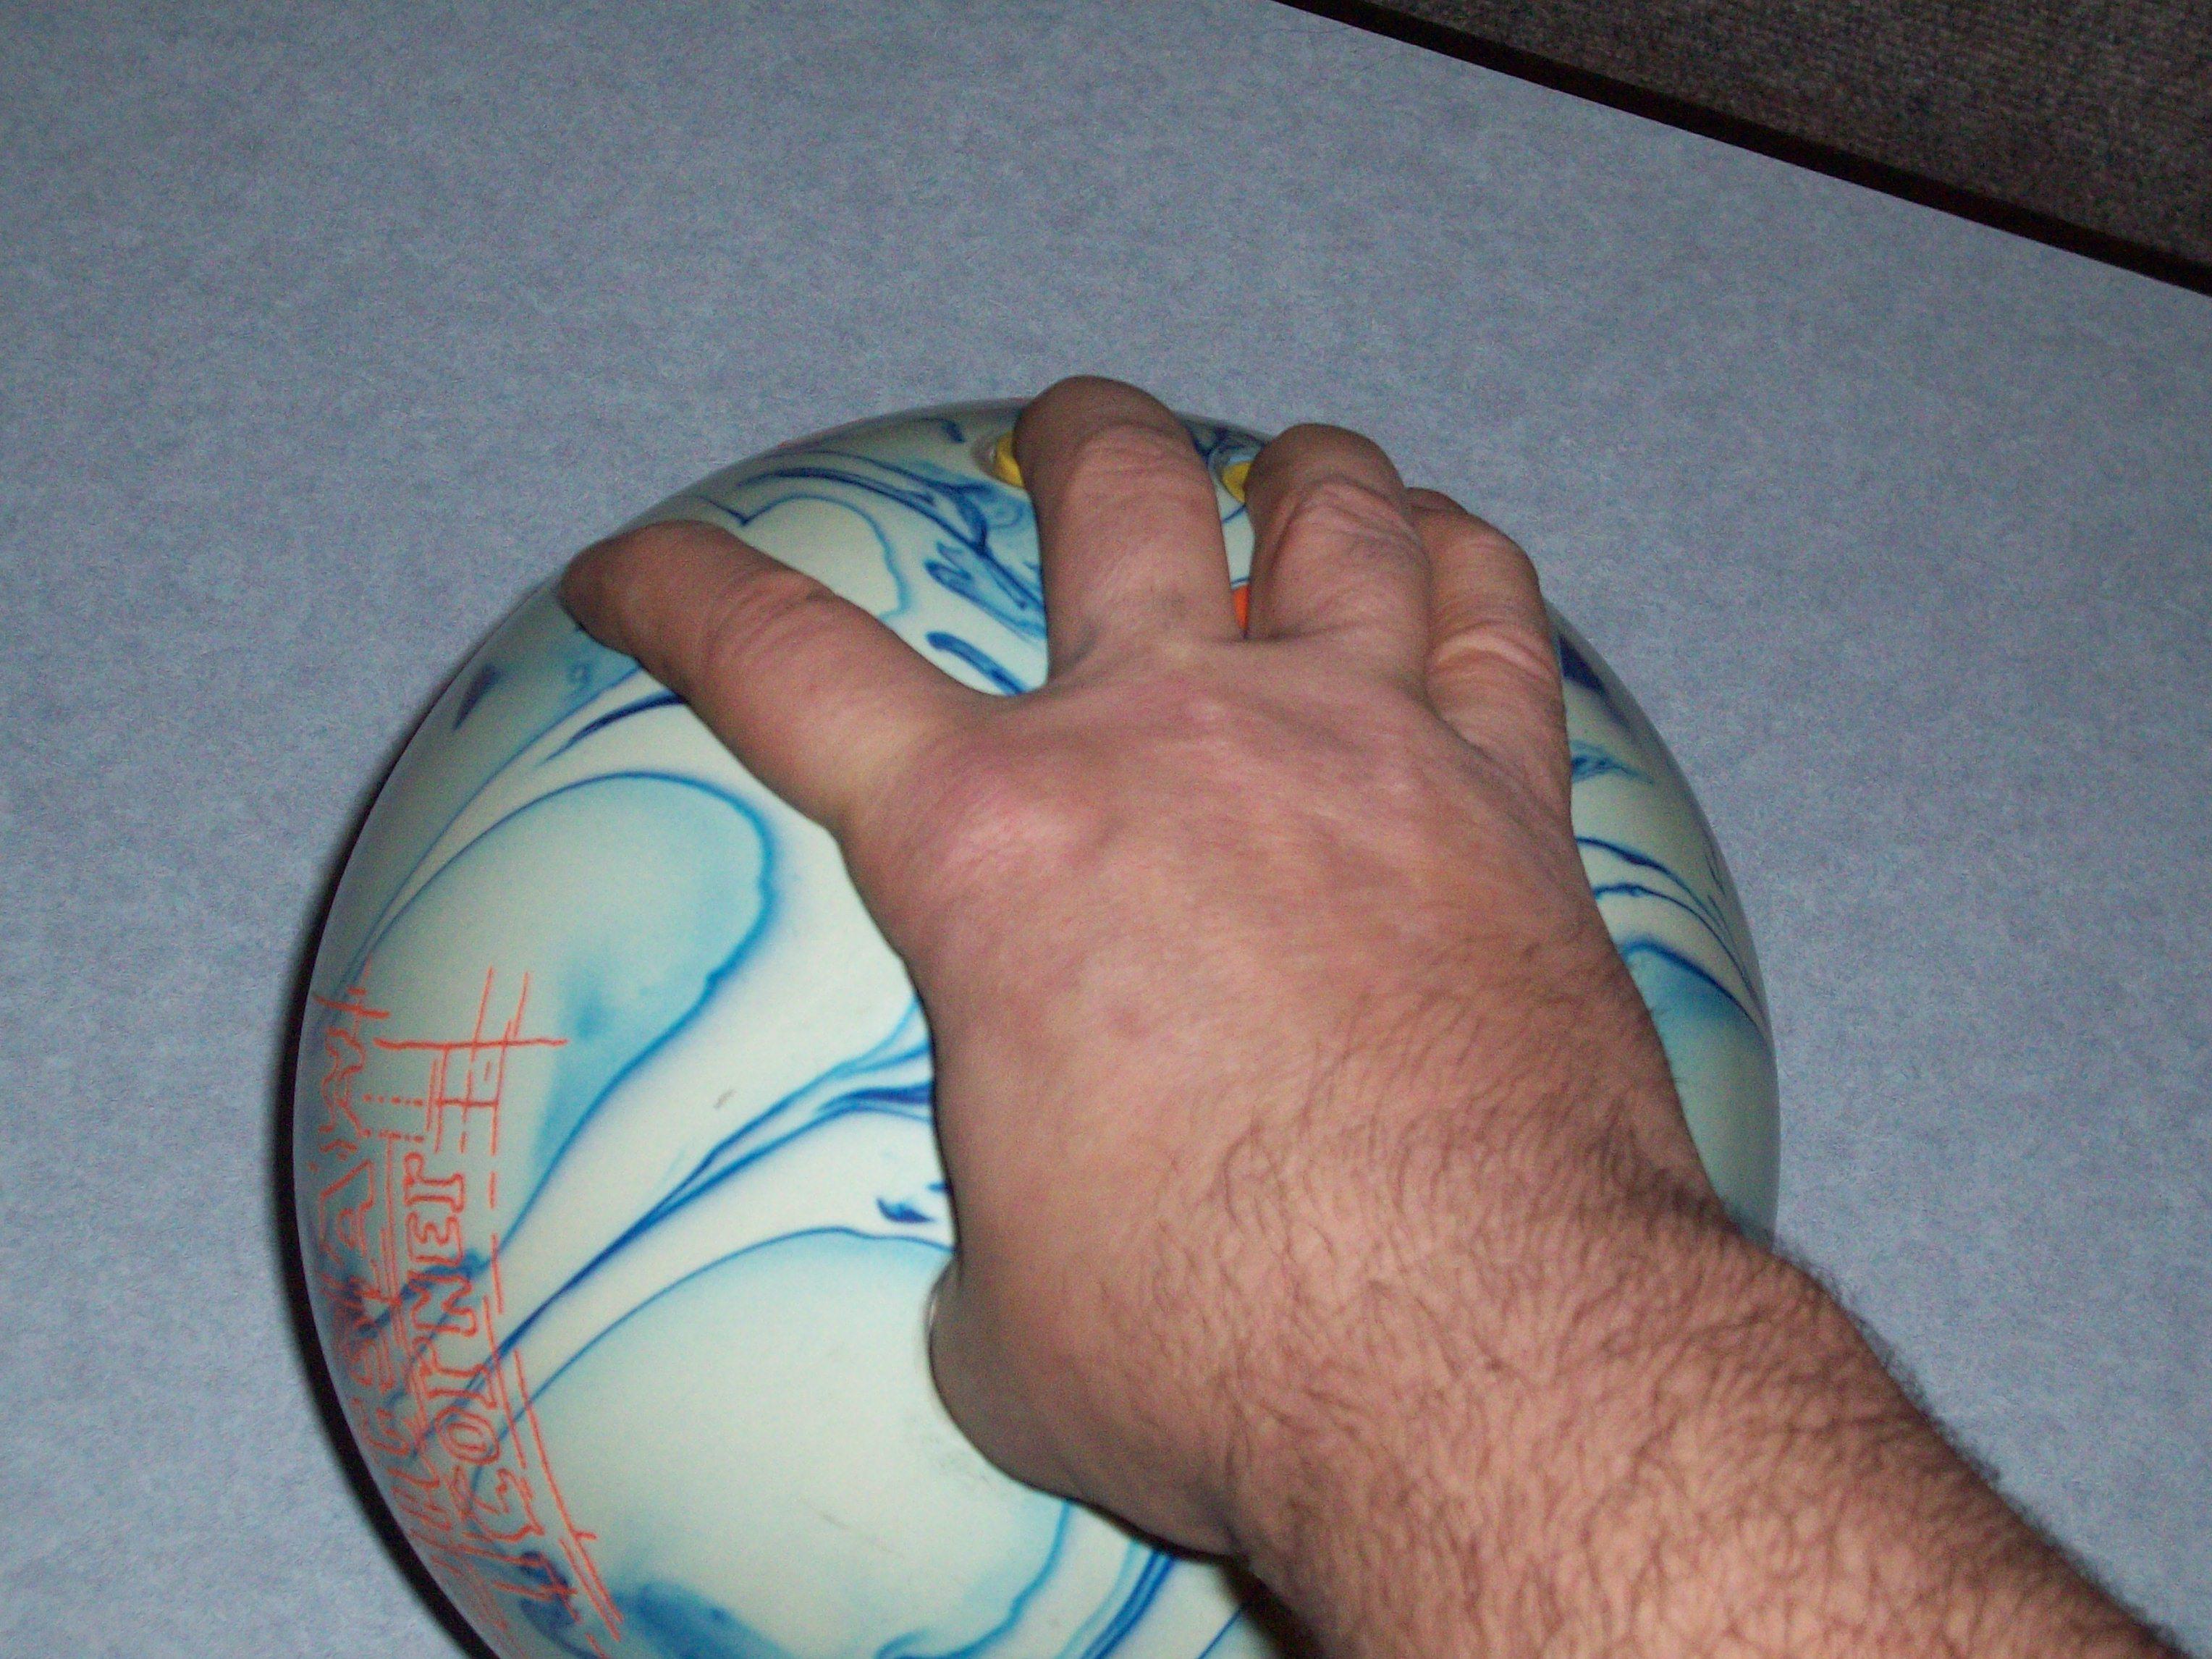 Bowling Finger Position, Wide Index Finger Position, Finger Position in Bowling, Bowling Hand Positions, Bowling Finger Positions, Bowling Wrist Positions, bowling, ball, hand, finger, wrist, positions